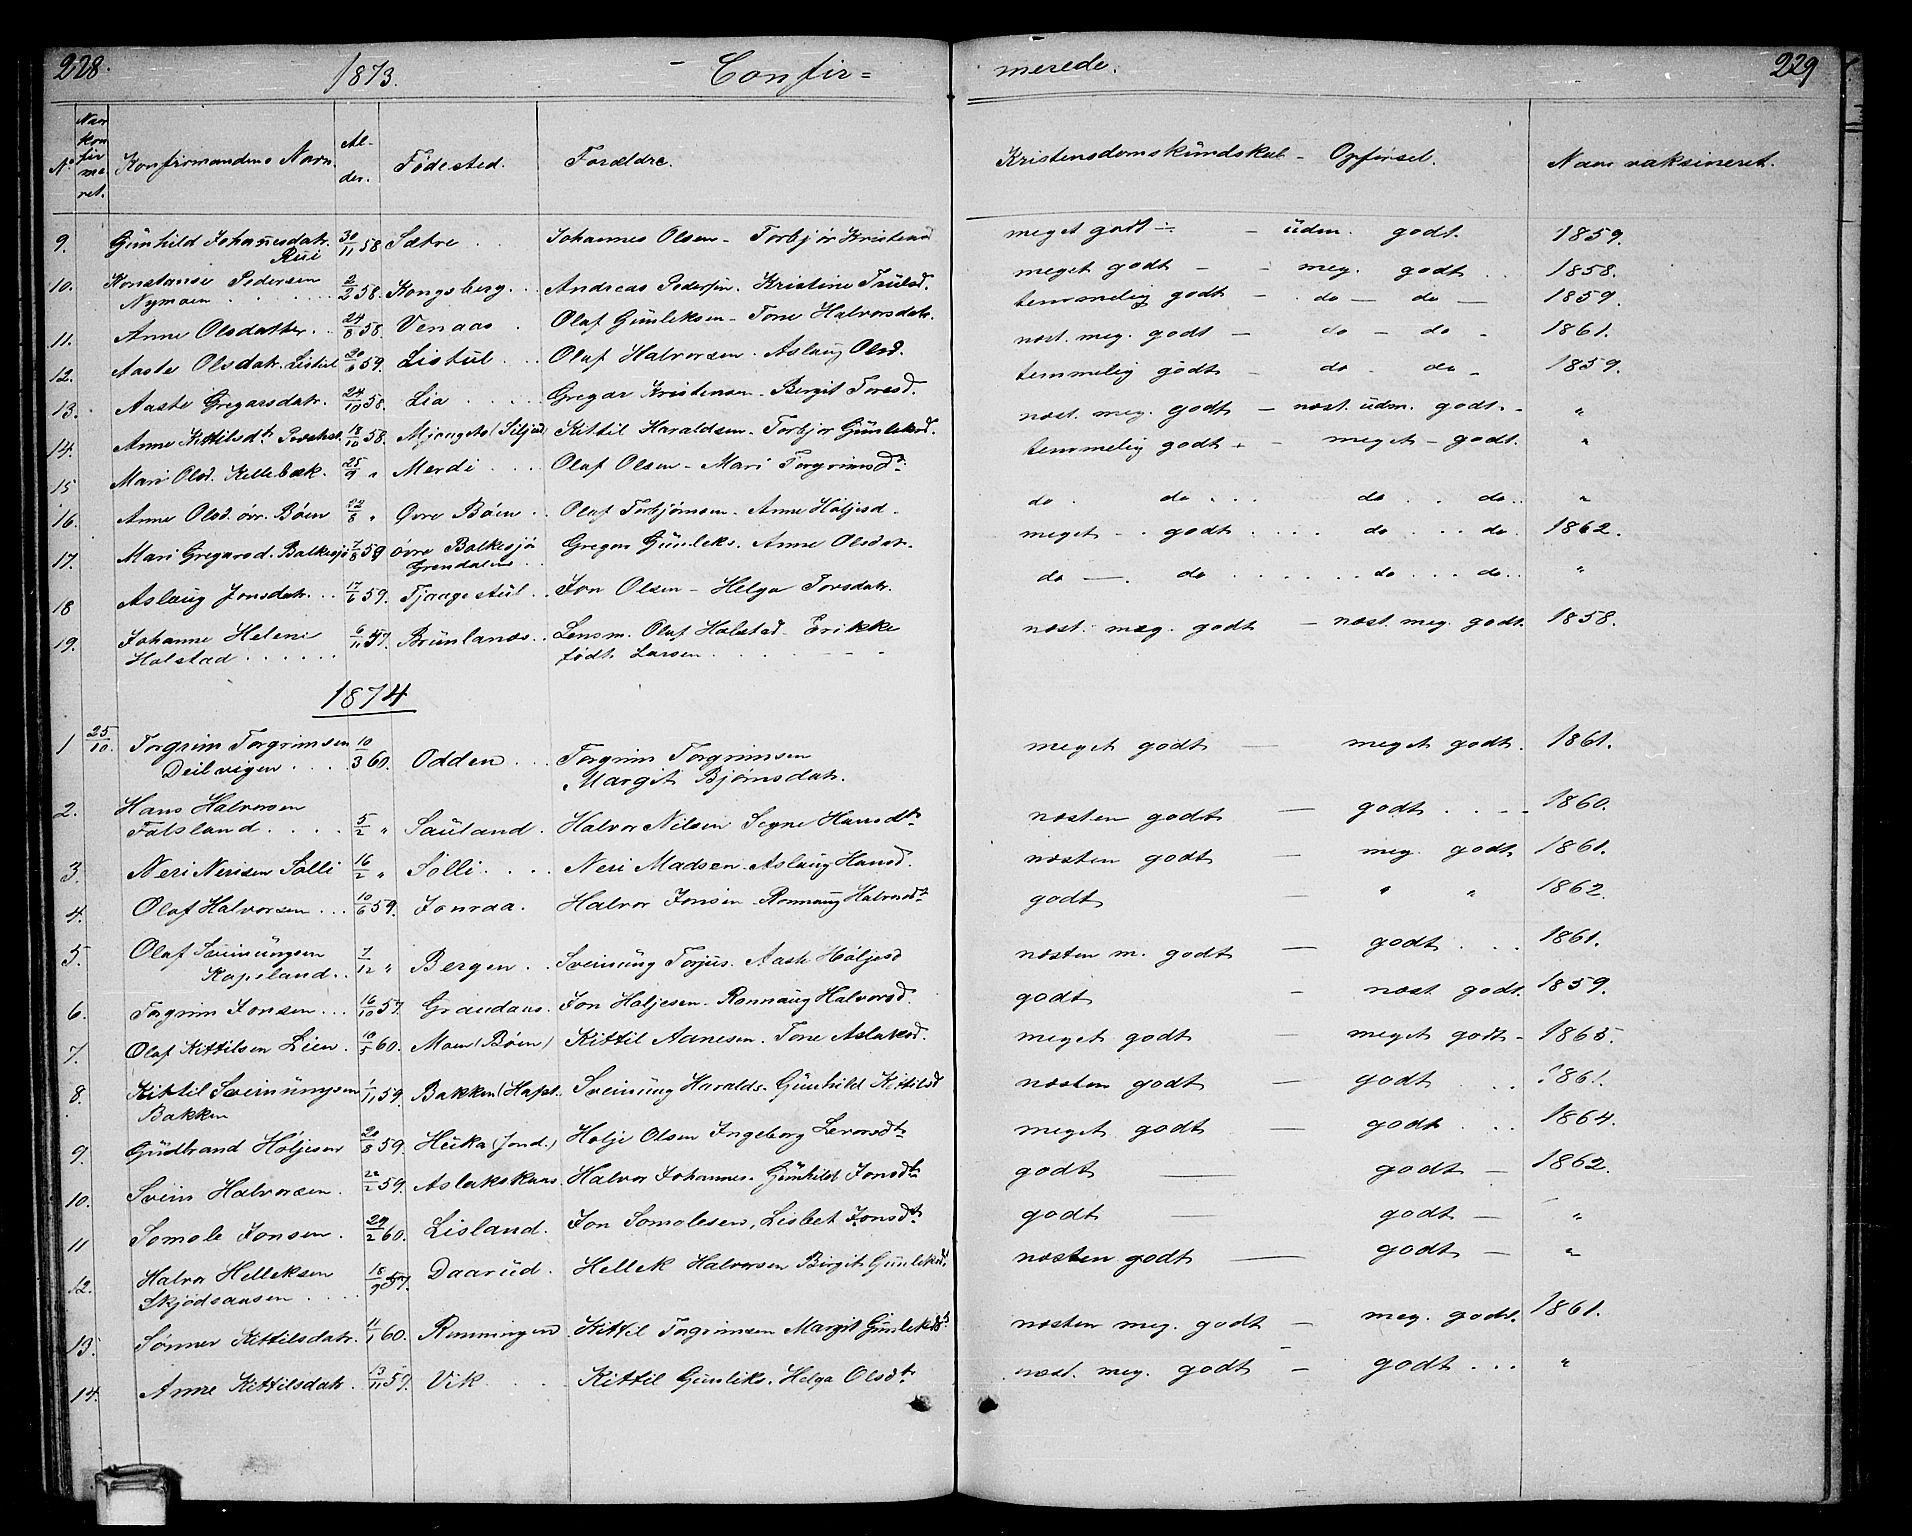 SAKO, Gransherad kirkebøker, G/Ga/L0002: Klokkerbok nr. I 2, 1854-1886, s. 228-229